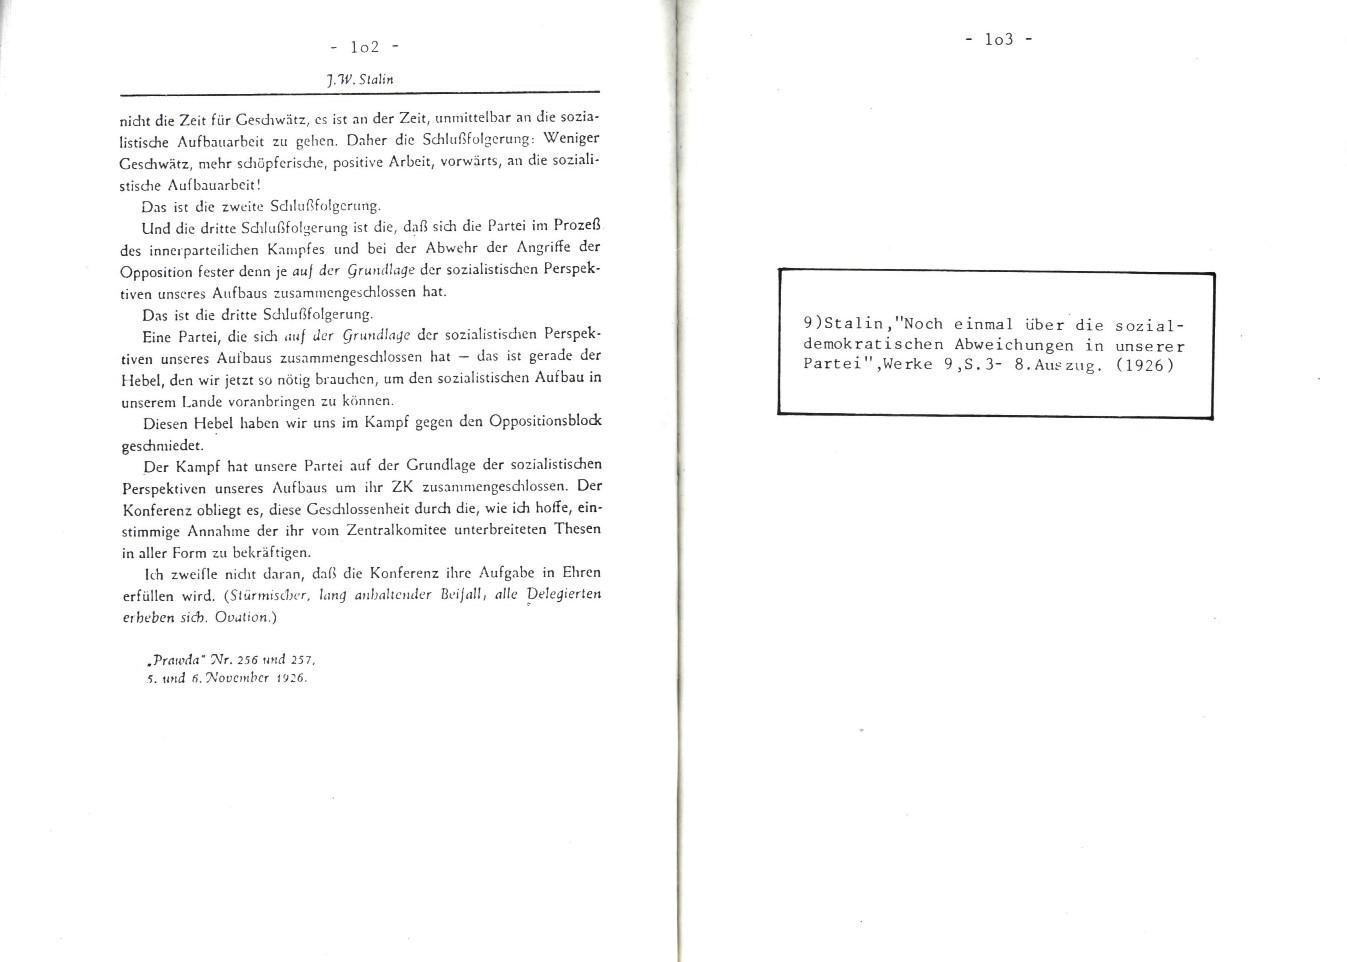 MLSK_Theorie_und_Praxis_des_ML_1979_25_52